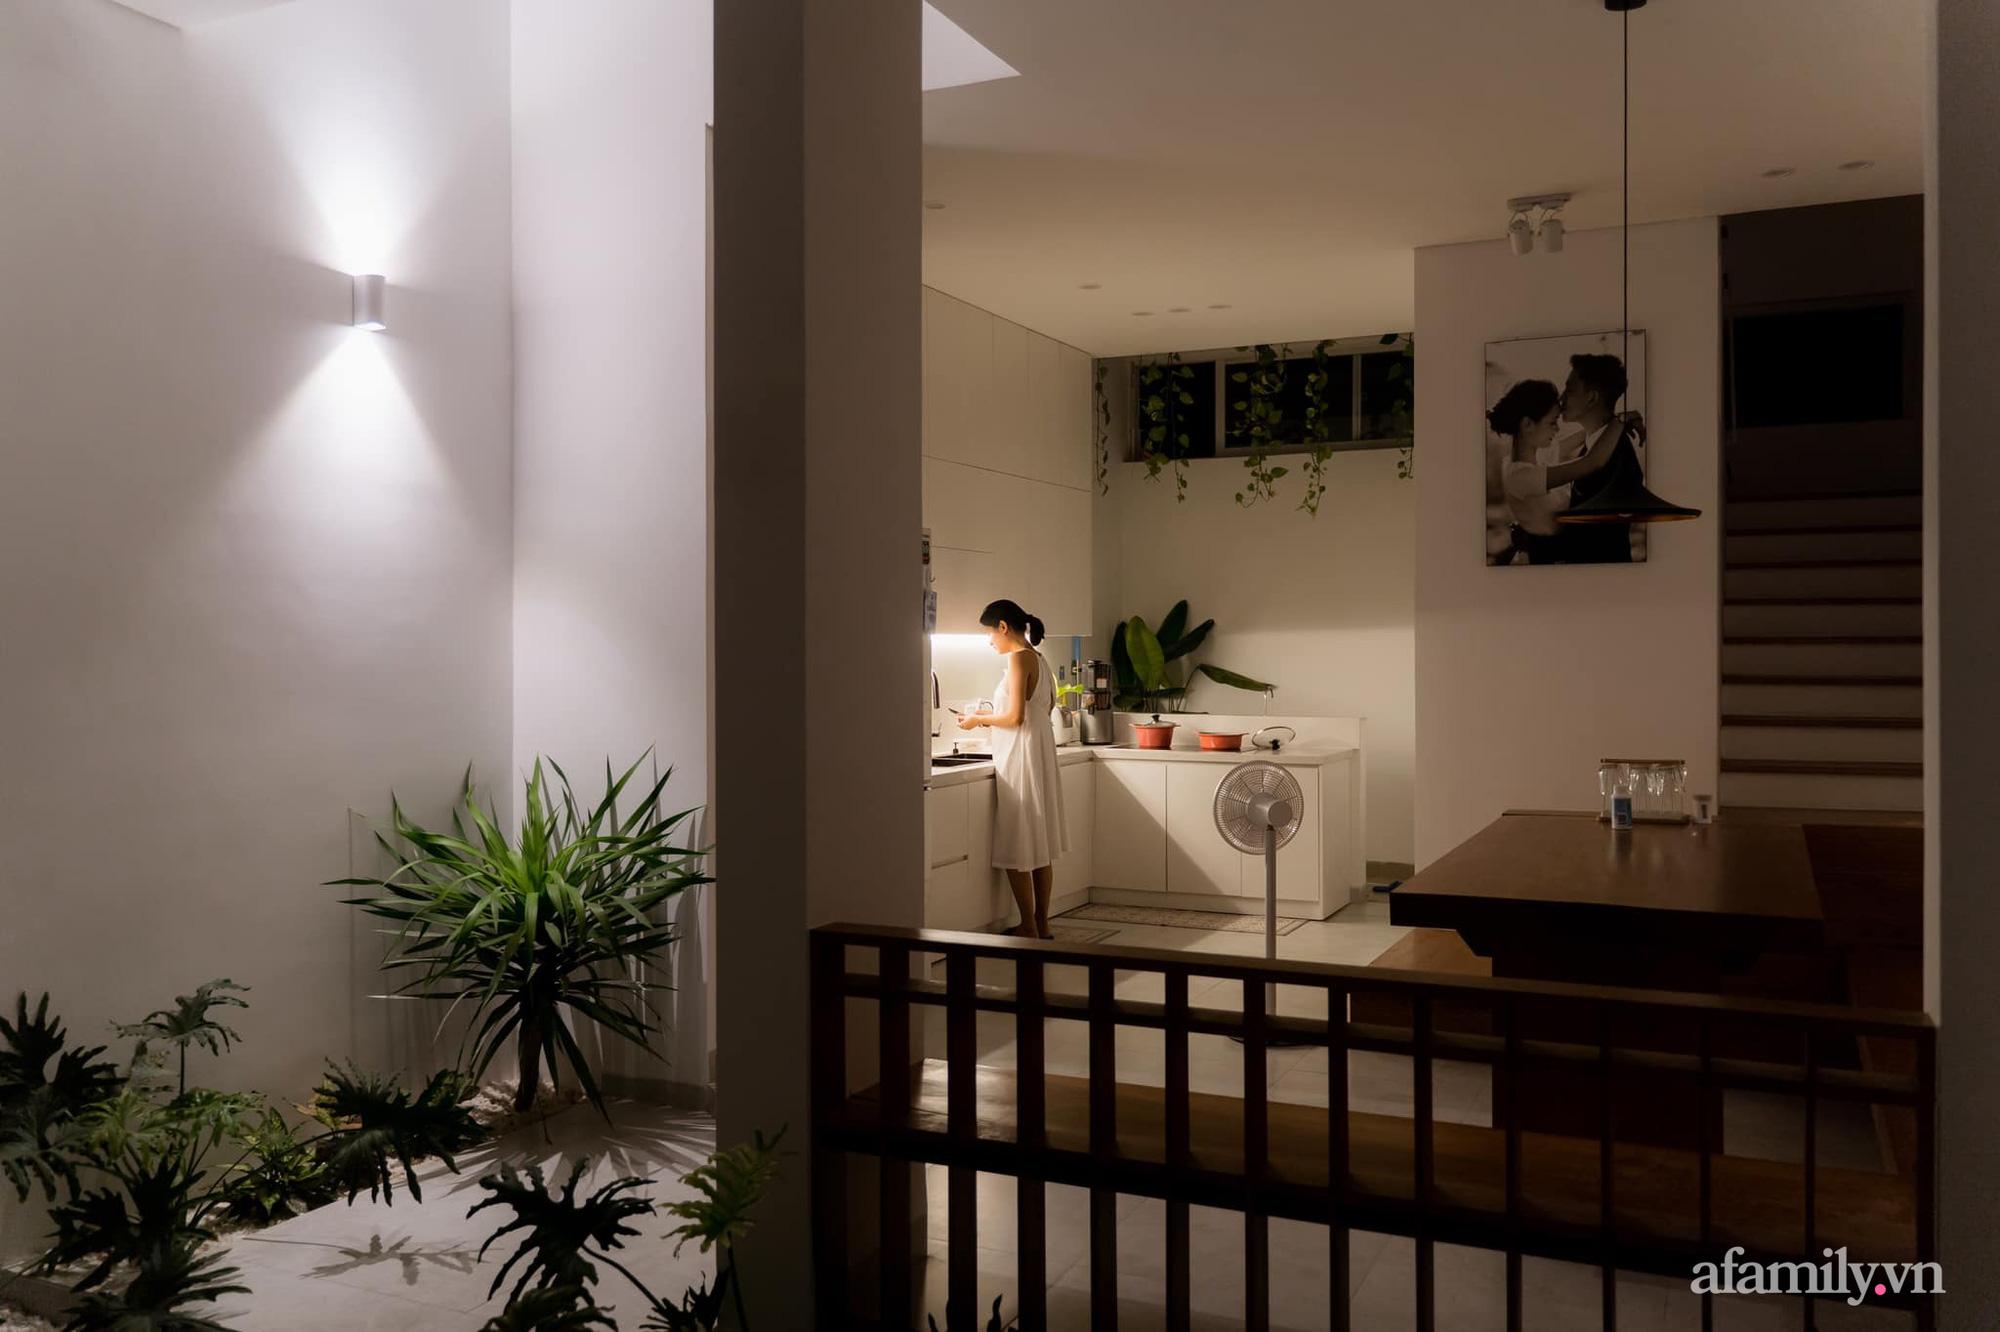 Căn nhà phố màu trắng gọn xinh ấm cúng của cặp vợ chồng trẻ Đà Nẵng có chi phí hoàn thiện 1,4 tỷ đồng - Ảnh 9.